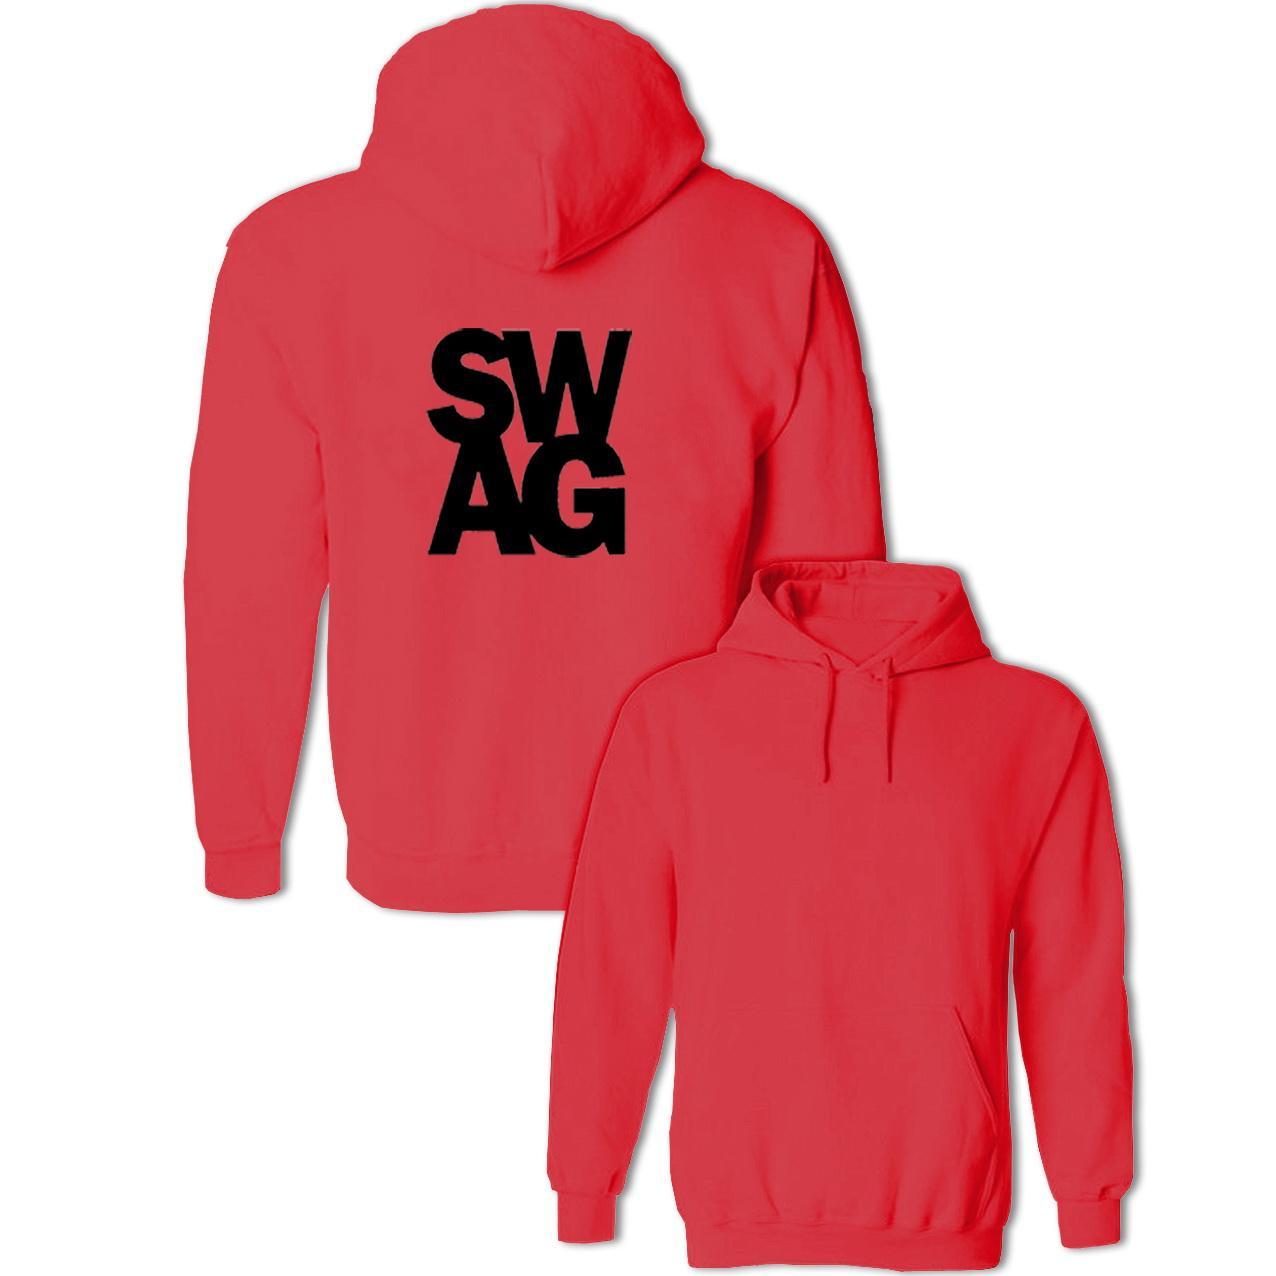 Compre Divertido Símbolo SWAG Sudaderas Con Capucha Para Hombres ... a0a39eb1f22